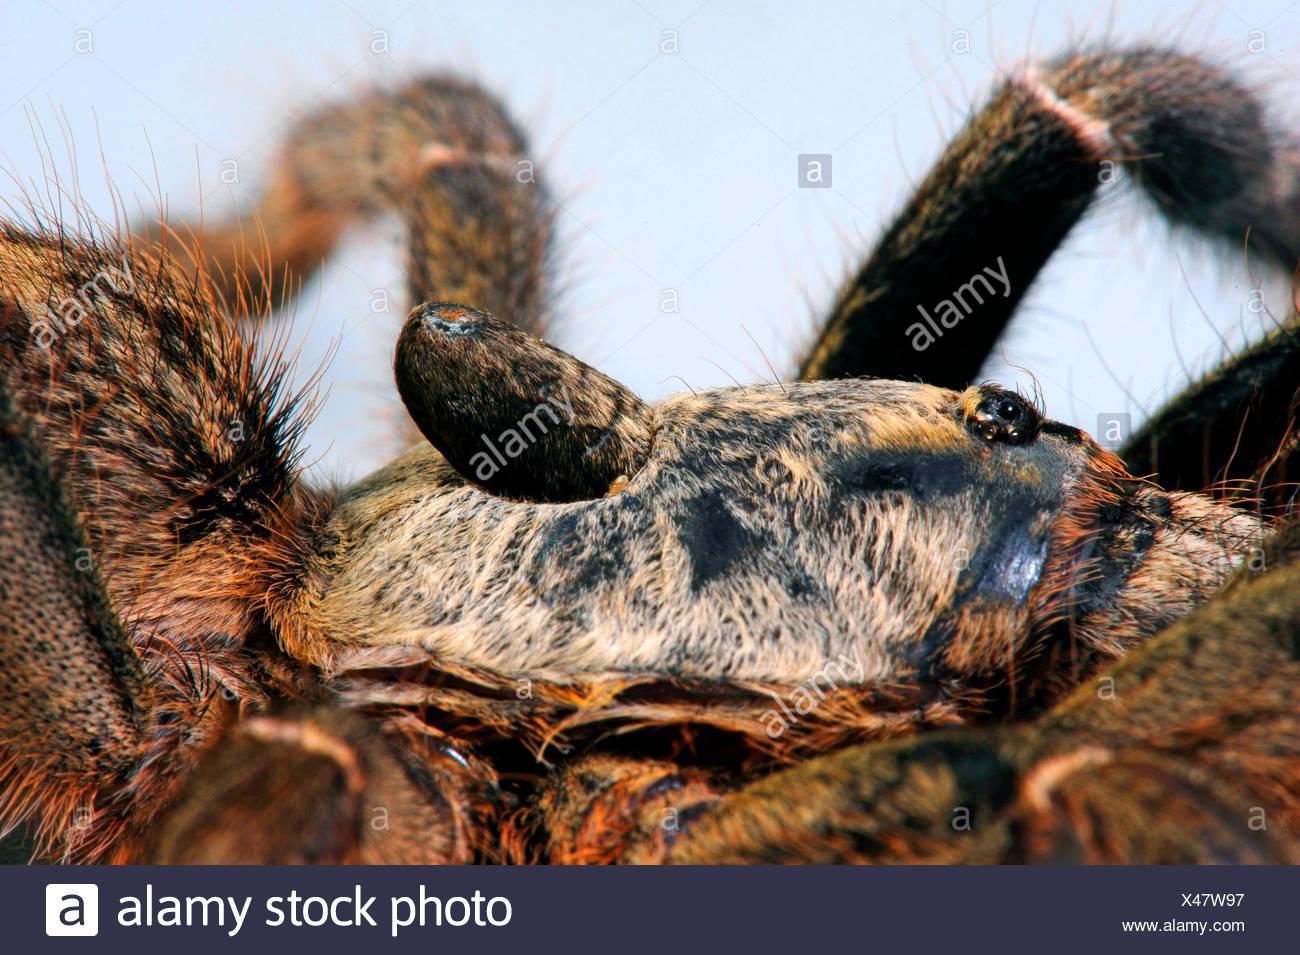 Cornuto babbuino spider, African retro-cornuto babbuino, Burst babbuino cornuta, dritto Corno Tarantula (Ceratogyrus darlingi, Ceratogyrus bechuanicus, Ceratogyrus schultzei), dettaglio della tromba del clacson Immagini Stock